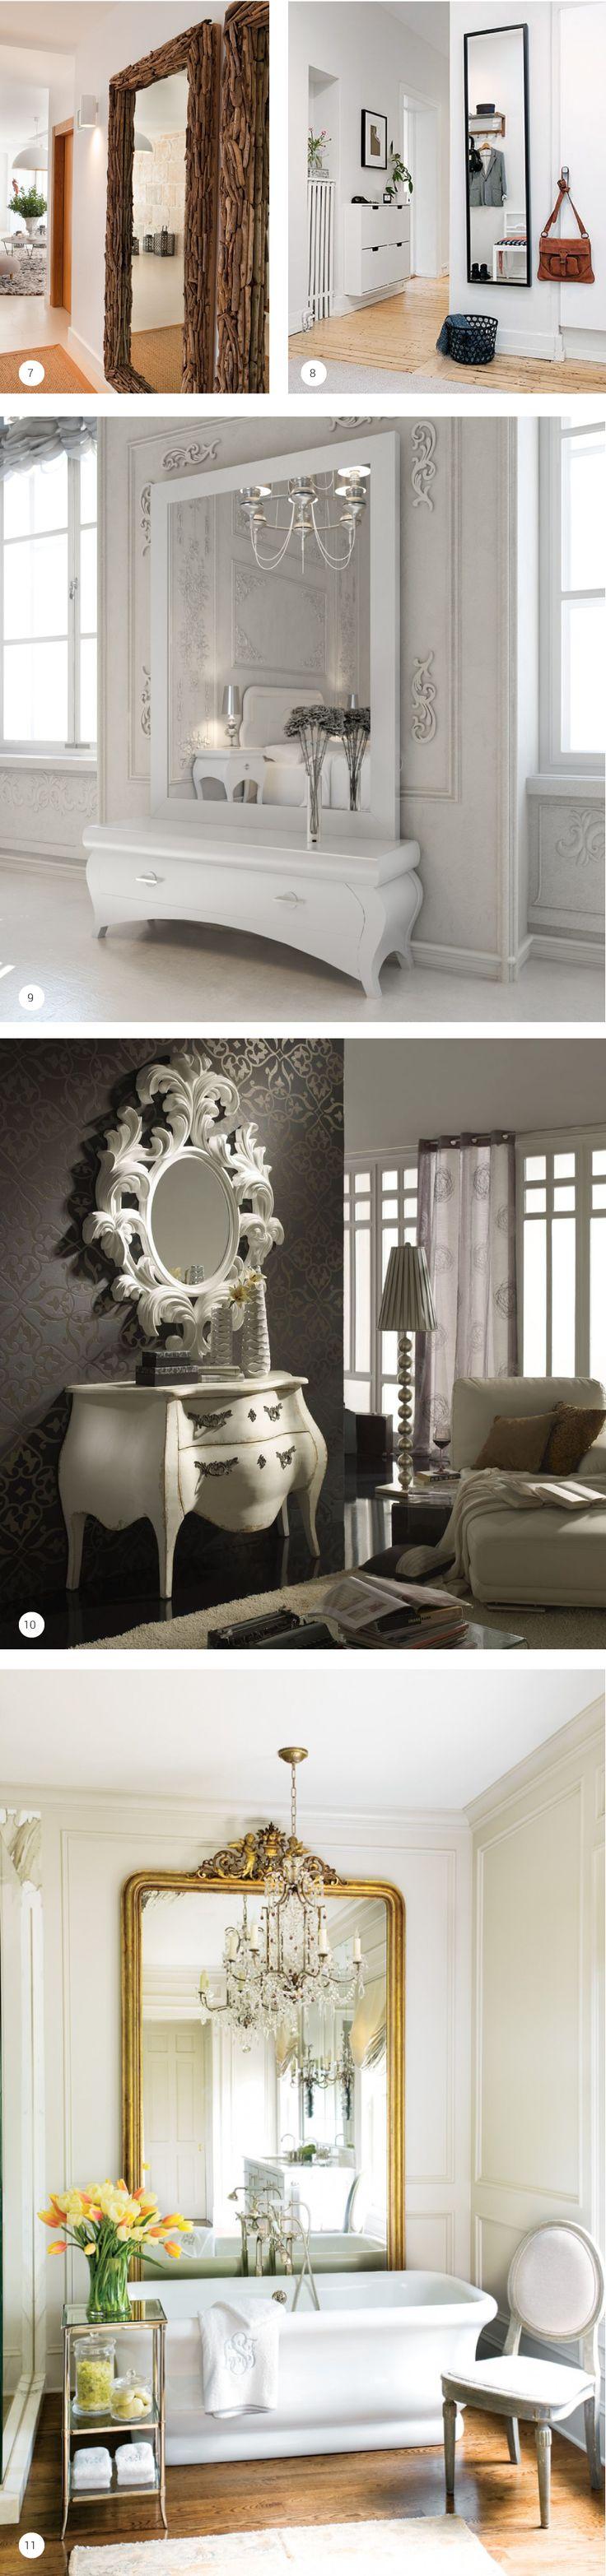 Espejo espejito mágico. Elige tu espejo perfecto. Lee nuestro post.  #espejos http://ioshop.es/espejito-espejo/